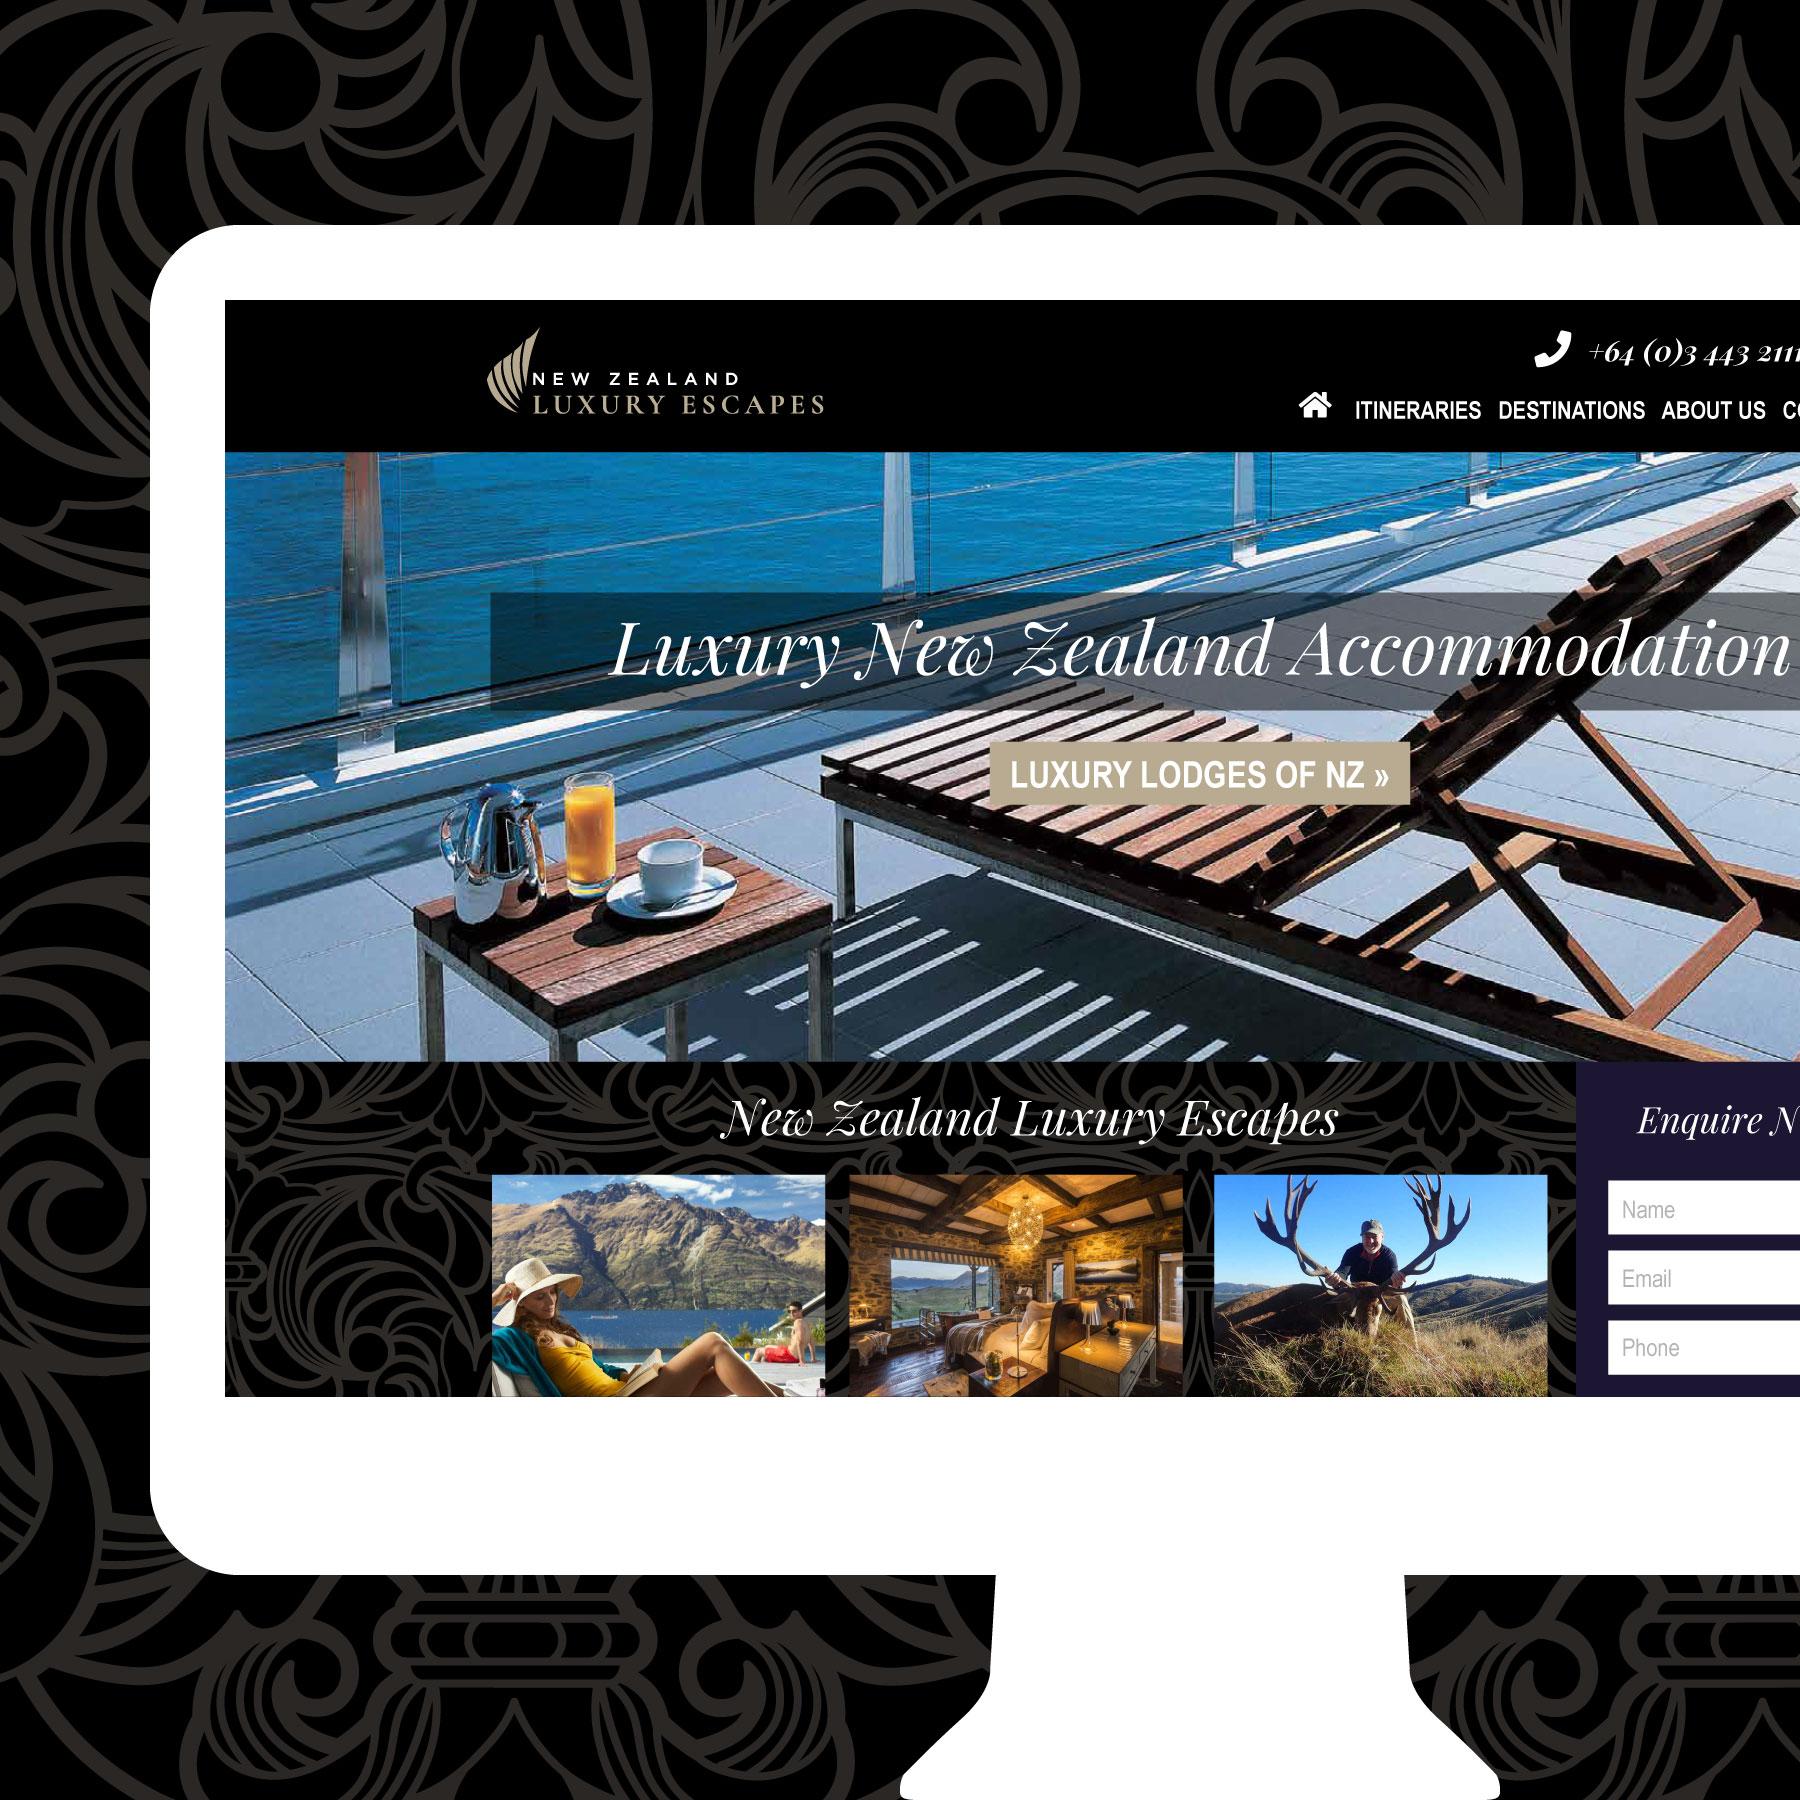 New Zealand Luxury Escapes Wanaka Web Design